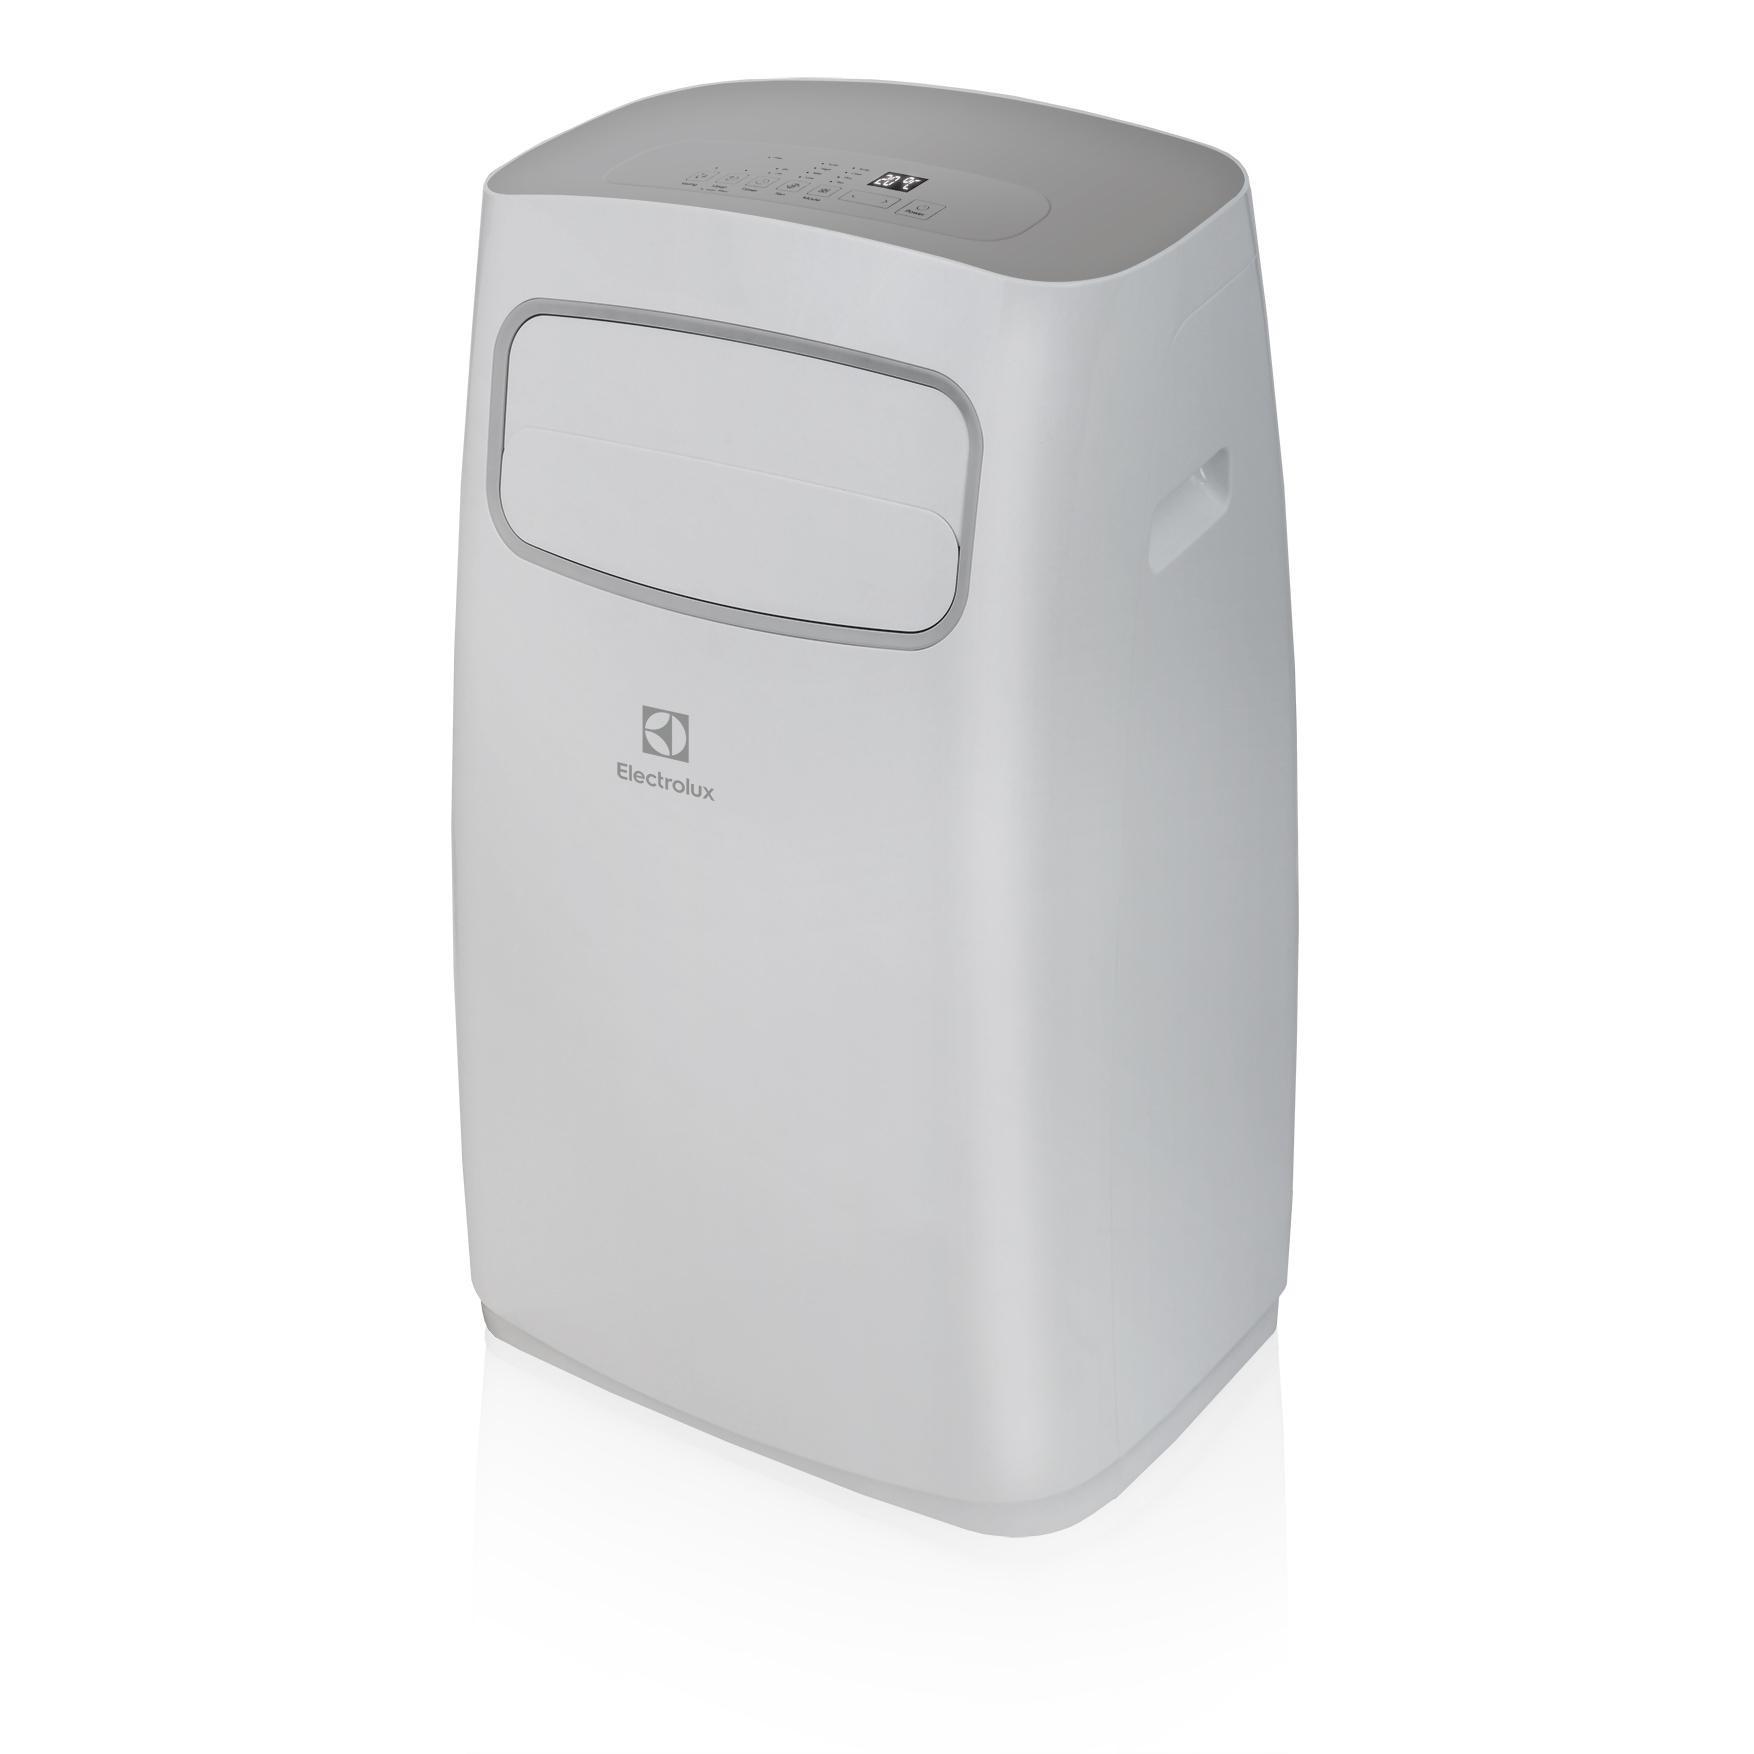 Кондиционер Electrolux EACM-12CG/N3Кондиционеры<br>Мобильный кондиционер Electrolux позволяет наслаждаться прохладным воздухом в помещении сразу же после его покупки, т.к. он прост в установке и не требует сложного монтажа.<br><br>Эксплуатационные характеристики мобильного кондиционера полностью идентичны настенной сплит-системе.<br><br>Наряду с привычным охлаждением он способен вентилировать, а также осушать воздух в помещении. Если невозможен монтаж обычного кондиционера, мобильный кондиционер Electrolux станет отличным решением.<br><br>Тип: мобильный кондиционер<br>Площадь охлаждения, м2: 30<br>Мощность в режиме охлаждения, Вт: 3520<br>Потребляемая мощность при охлаждении, Вт: 1350<br>Фаза : однофазный